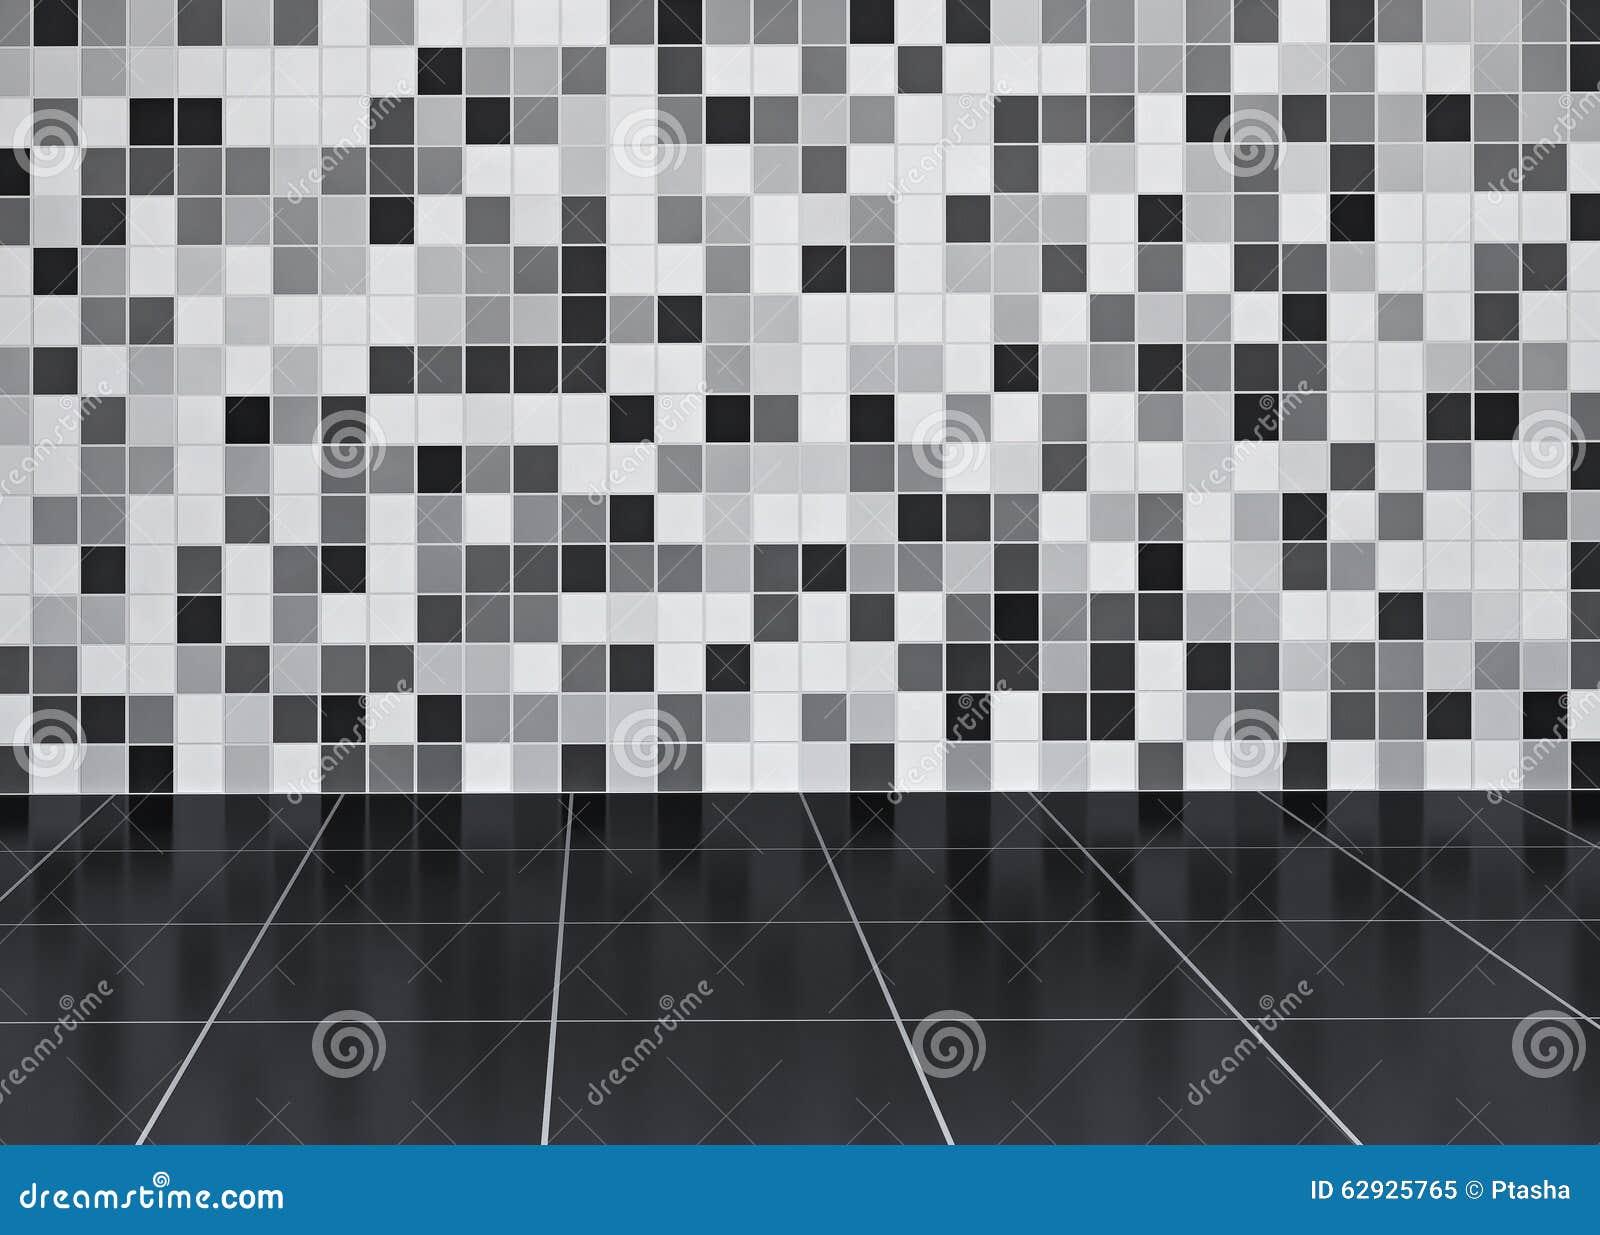 Badkamers met betegelde muur en vloer stock illustratie afbeelding 62925765 - Badkamer betegelde vloer ...